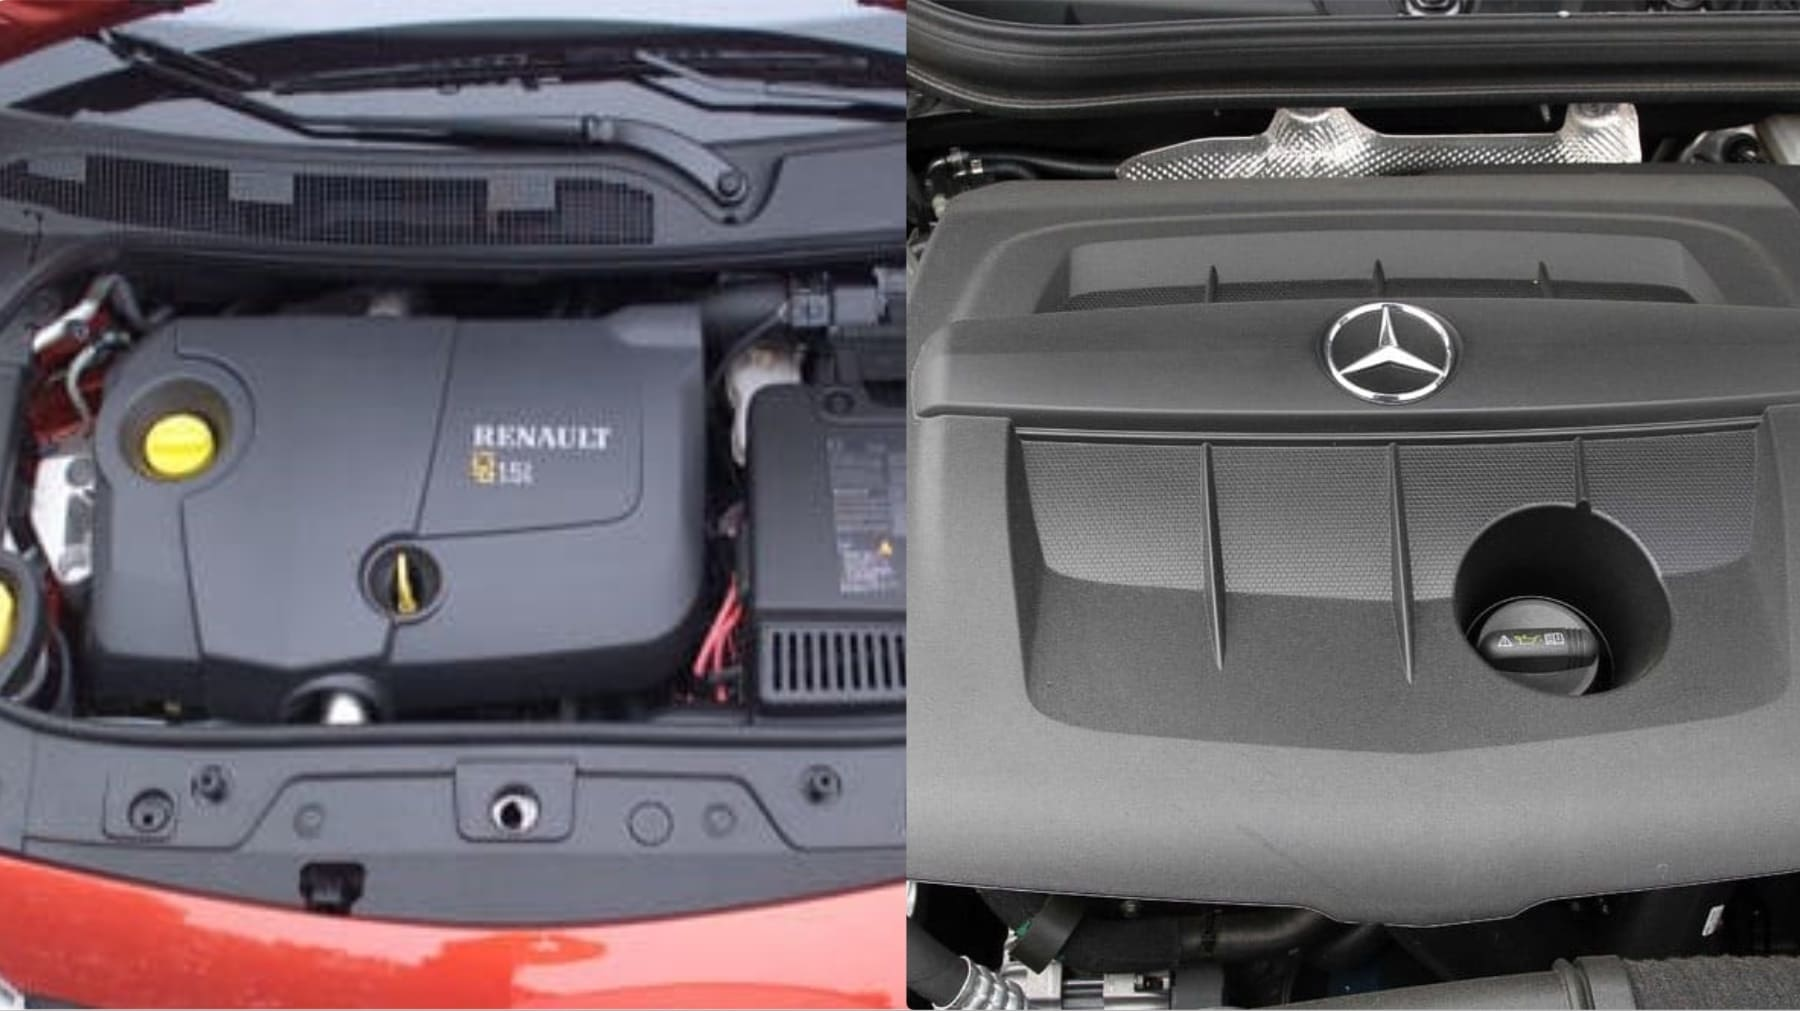 Motor-1.5-DCI-Mercedes-Renault